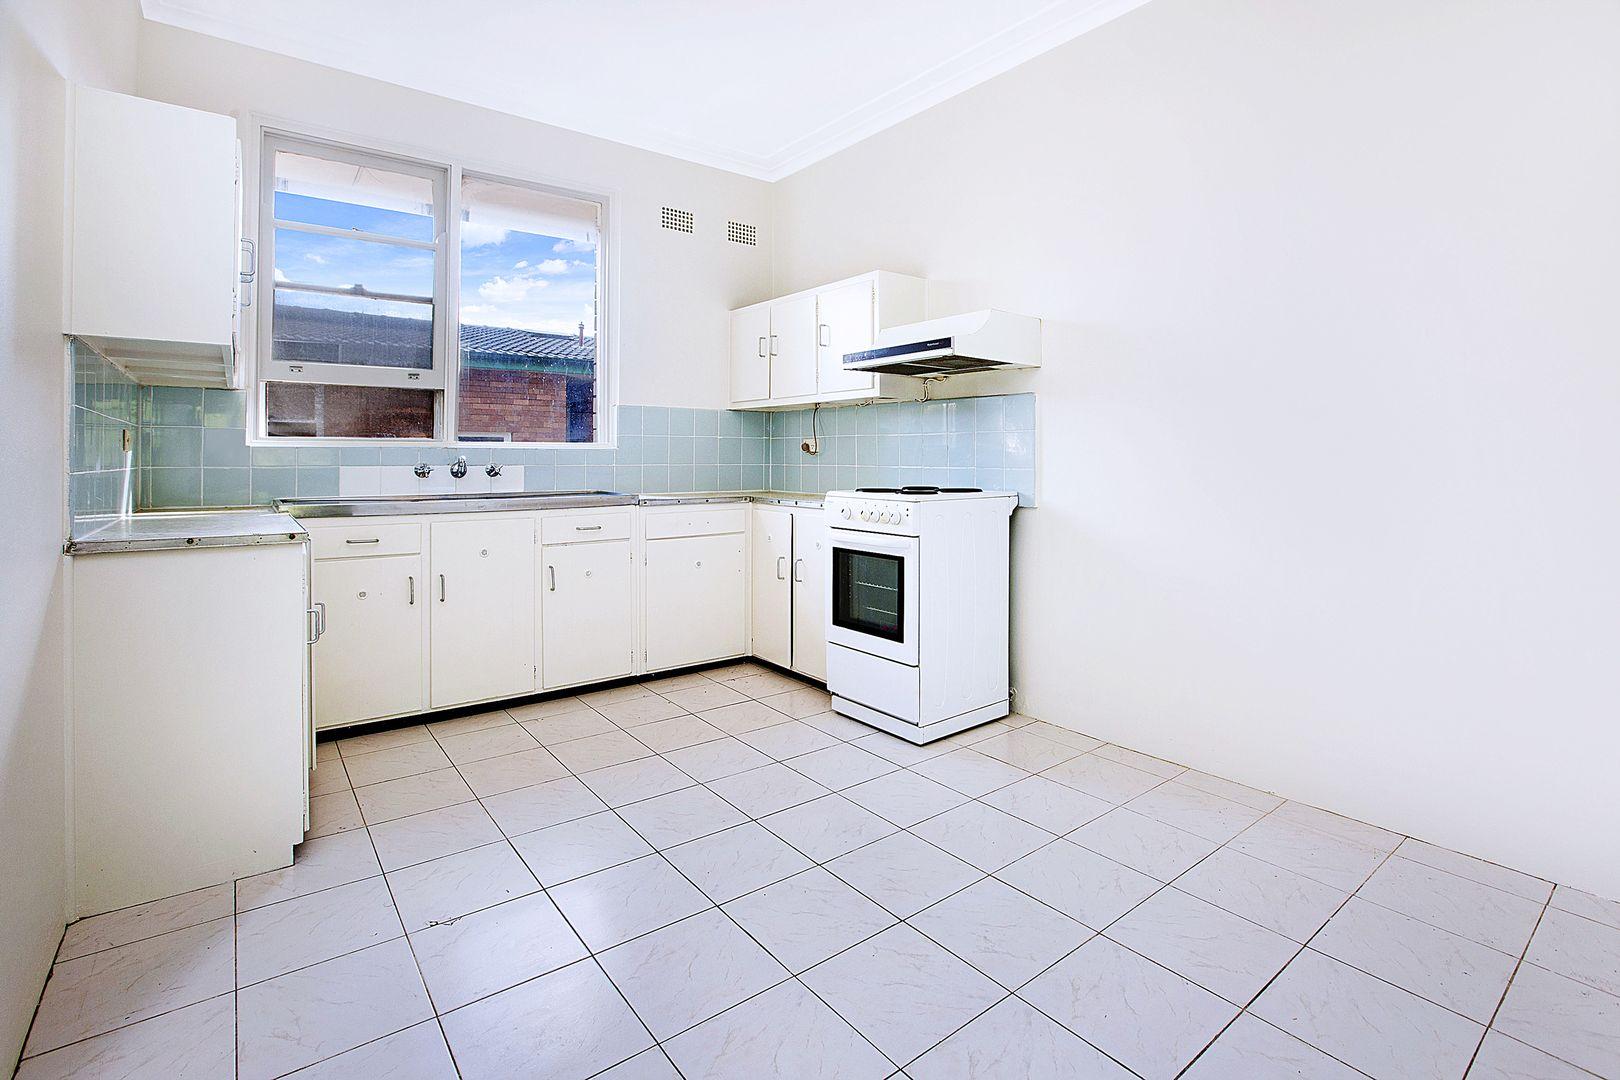 14/29 Elizabeth Street, Ashfield NSW 2131, Image 1